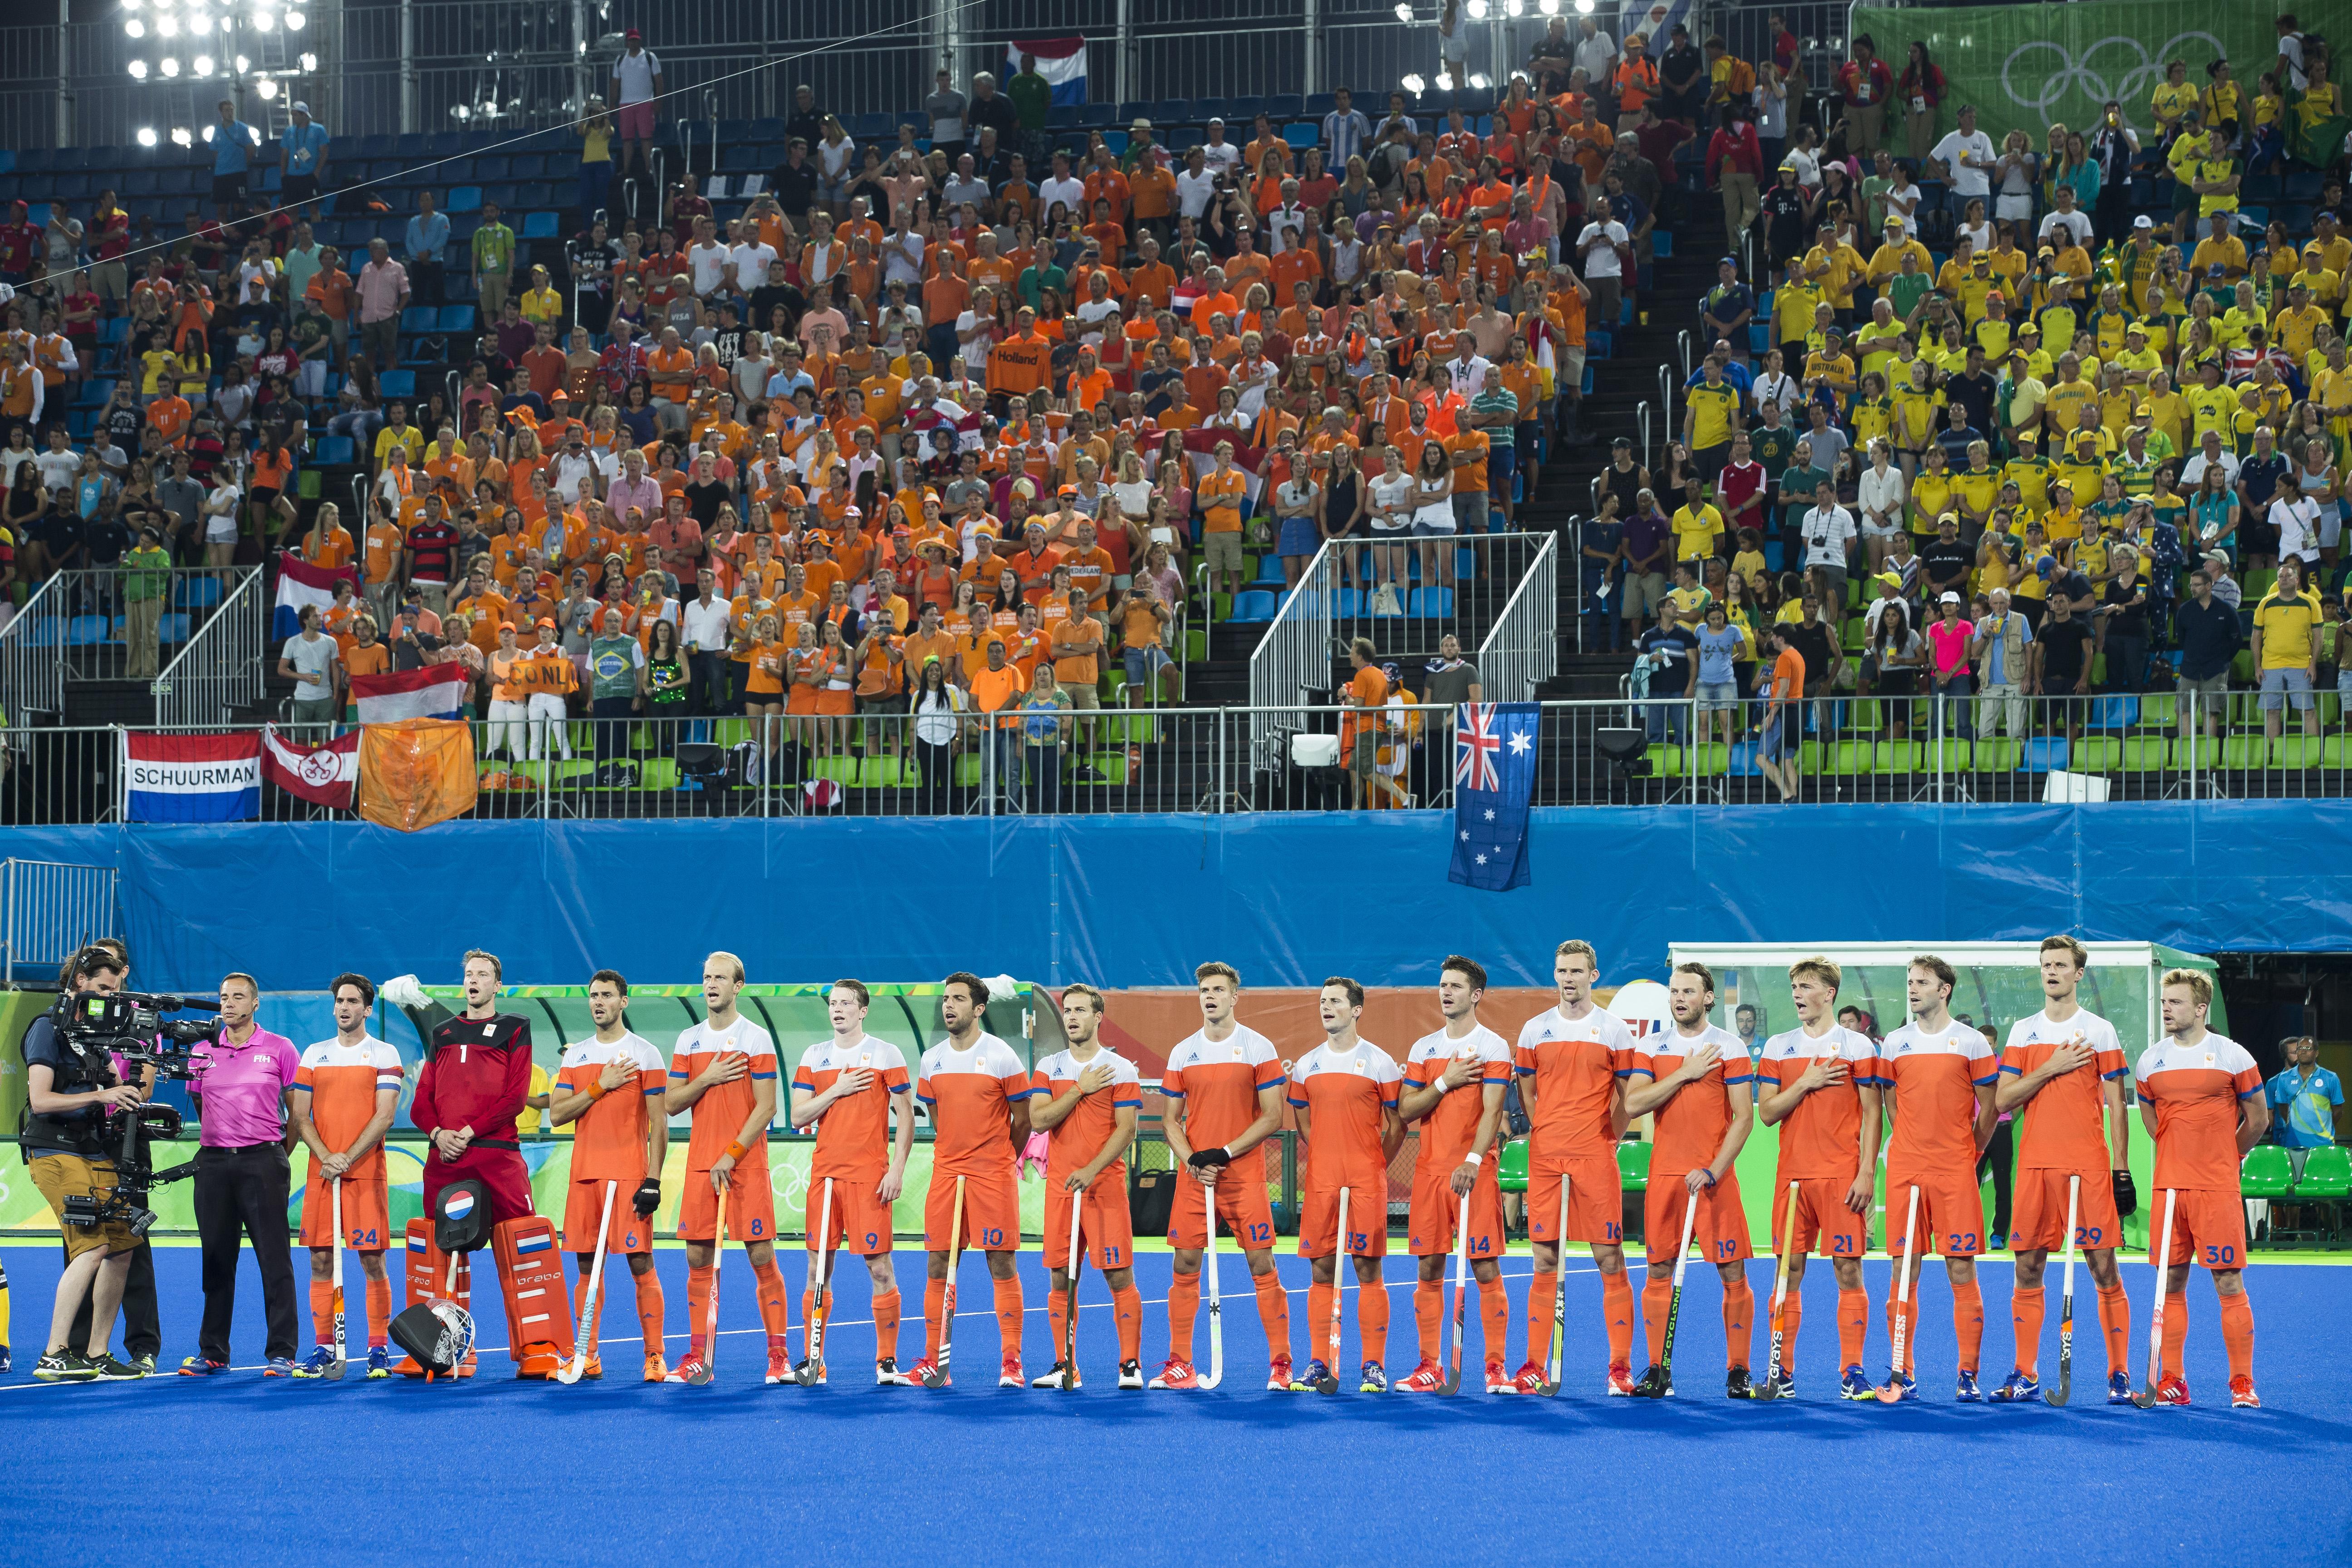 Leesvoer voor trainers en coaches: het hockey DNA van Nederland